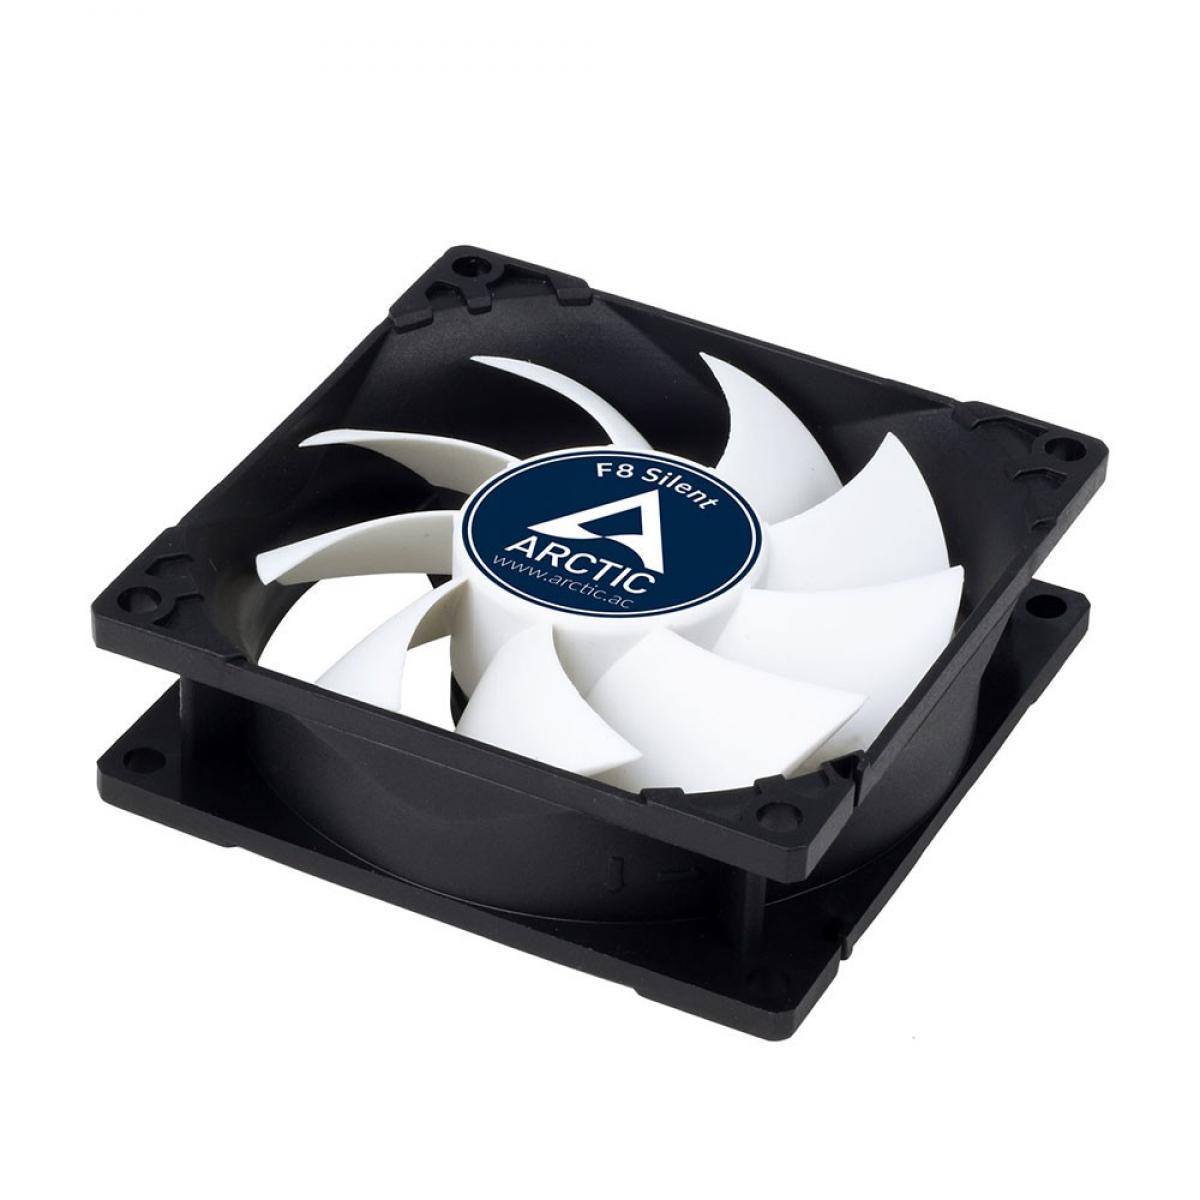 Arctic F8 Silent Blanco 80x80x25